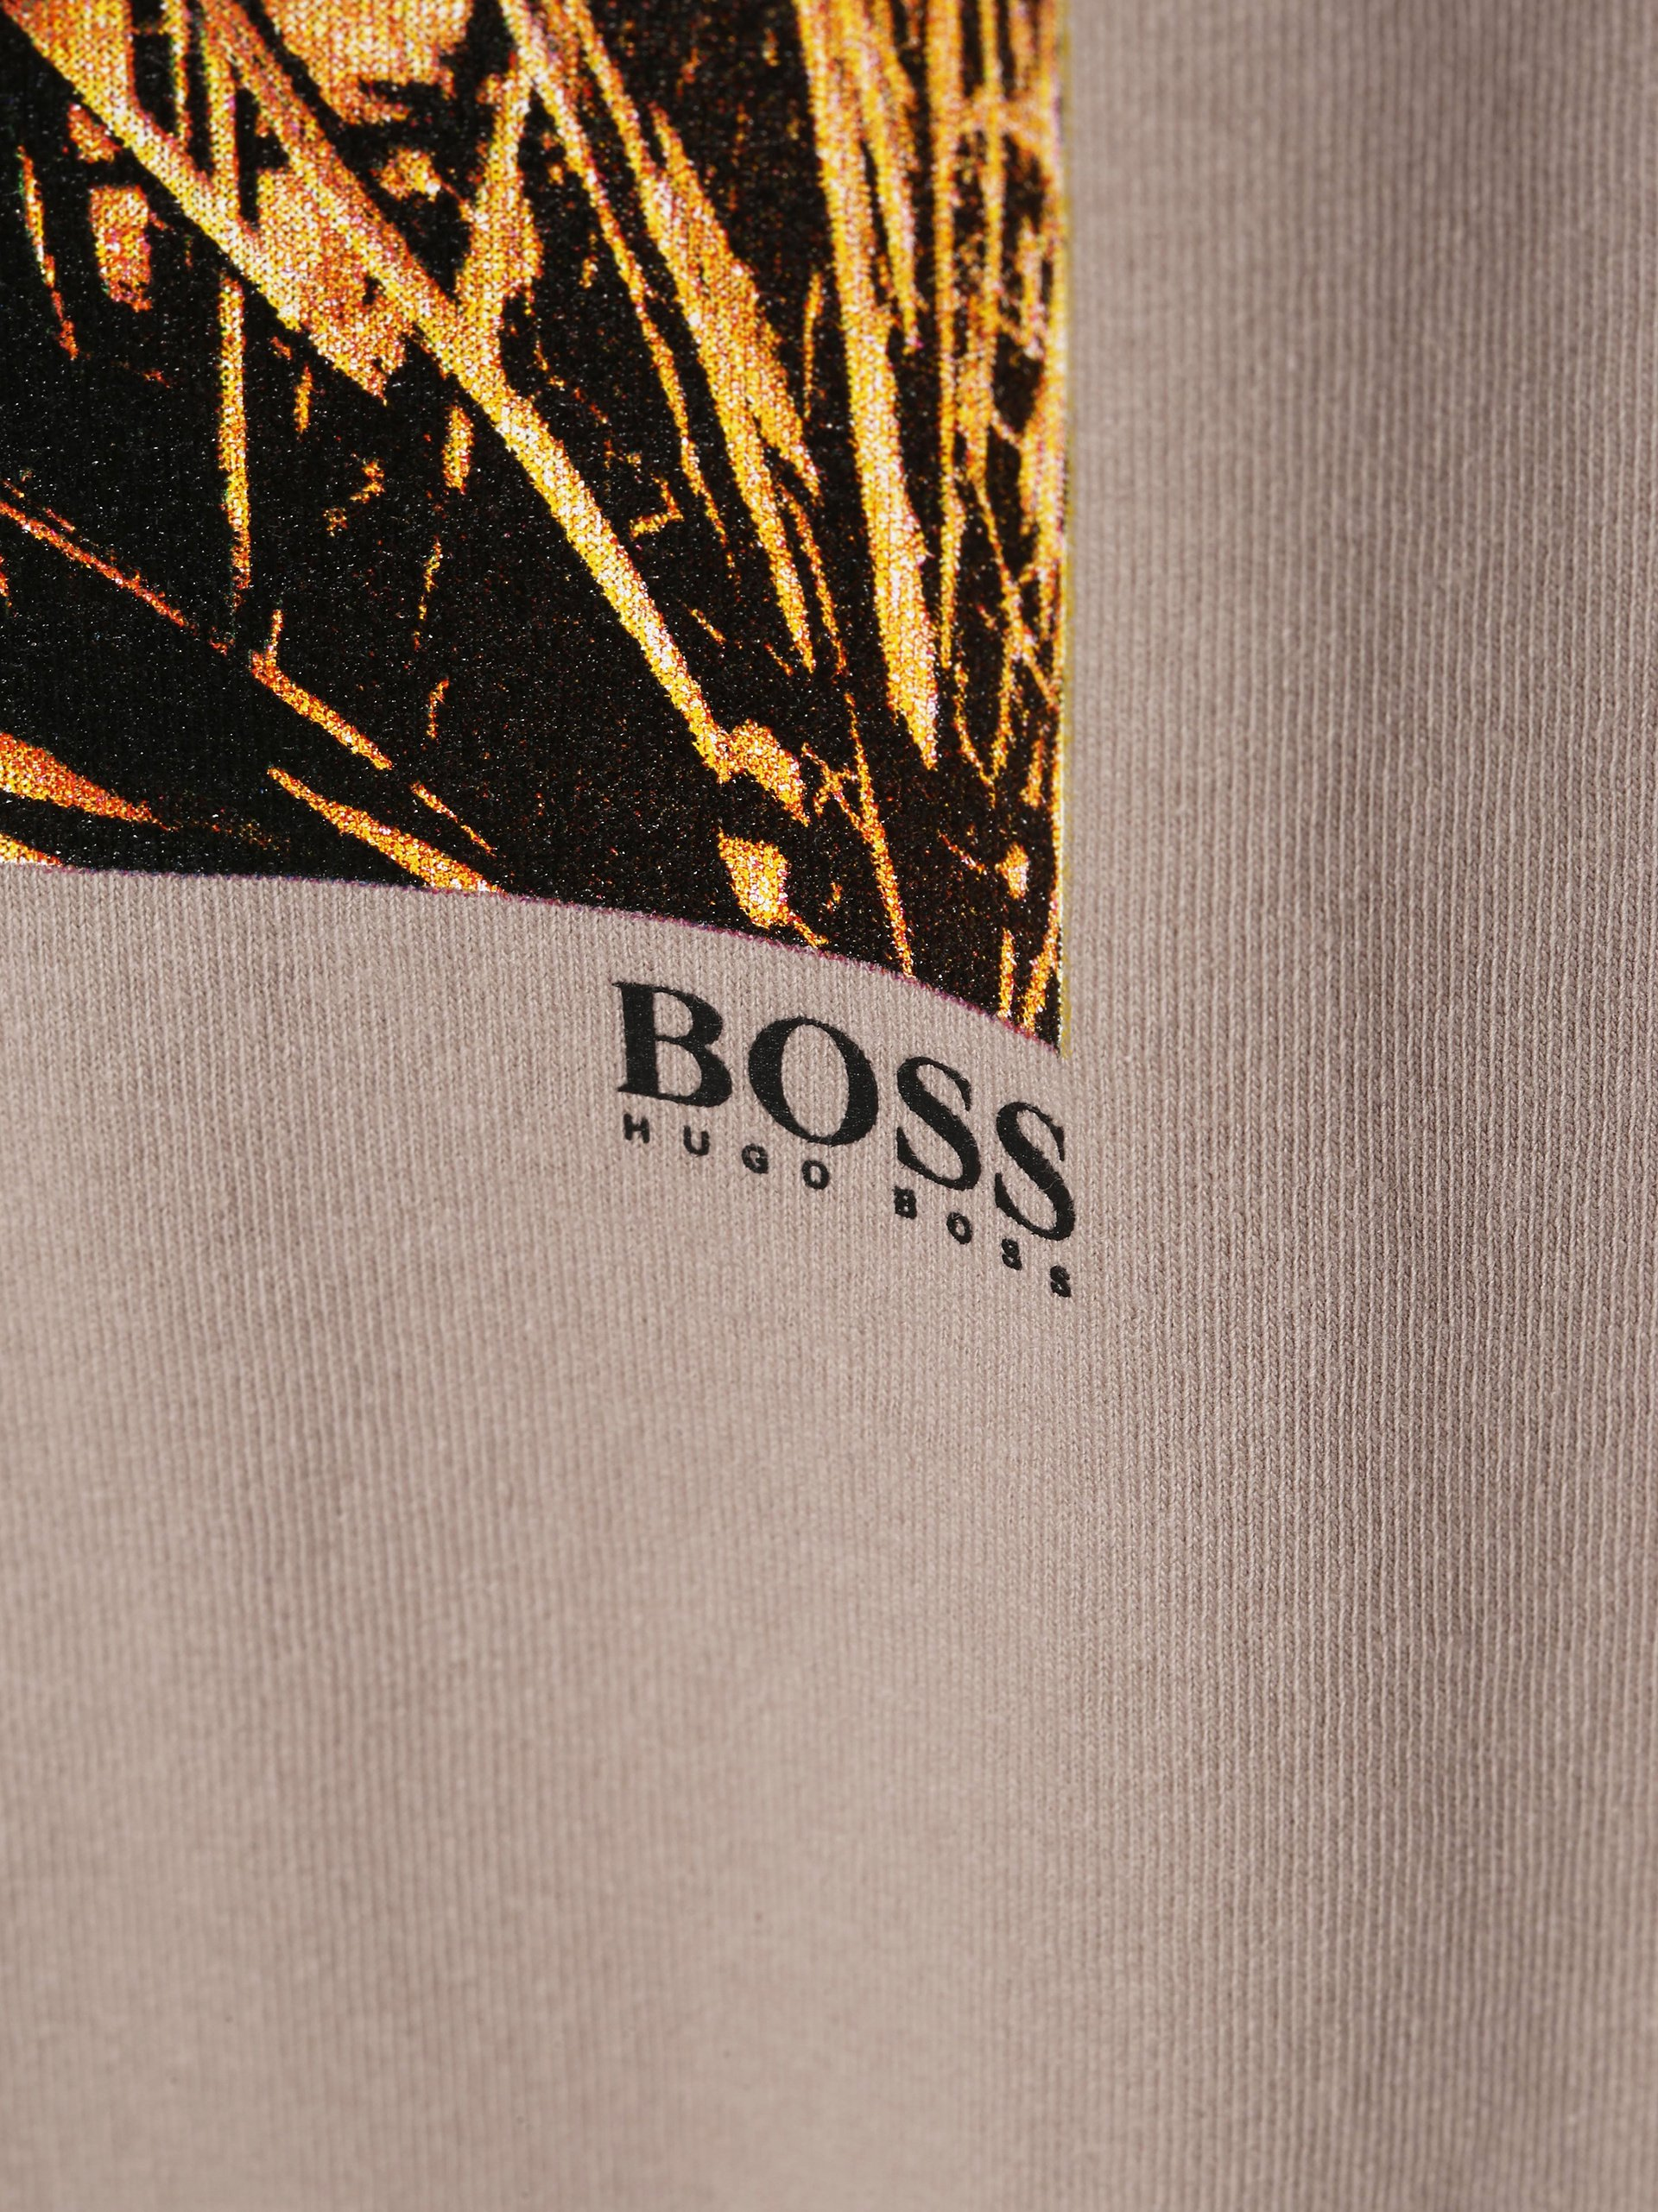 BOSS Casual Herren T-Shirt - Teear 1